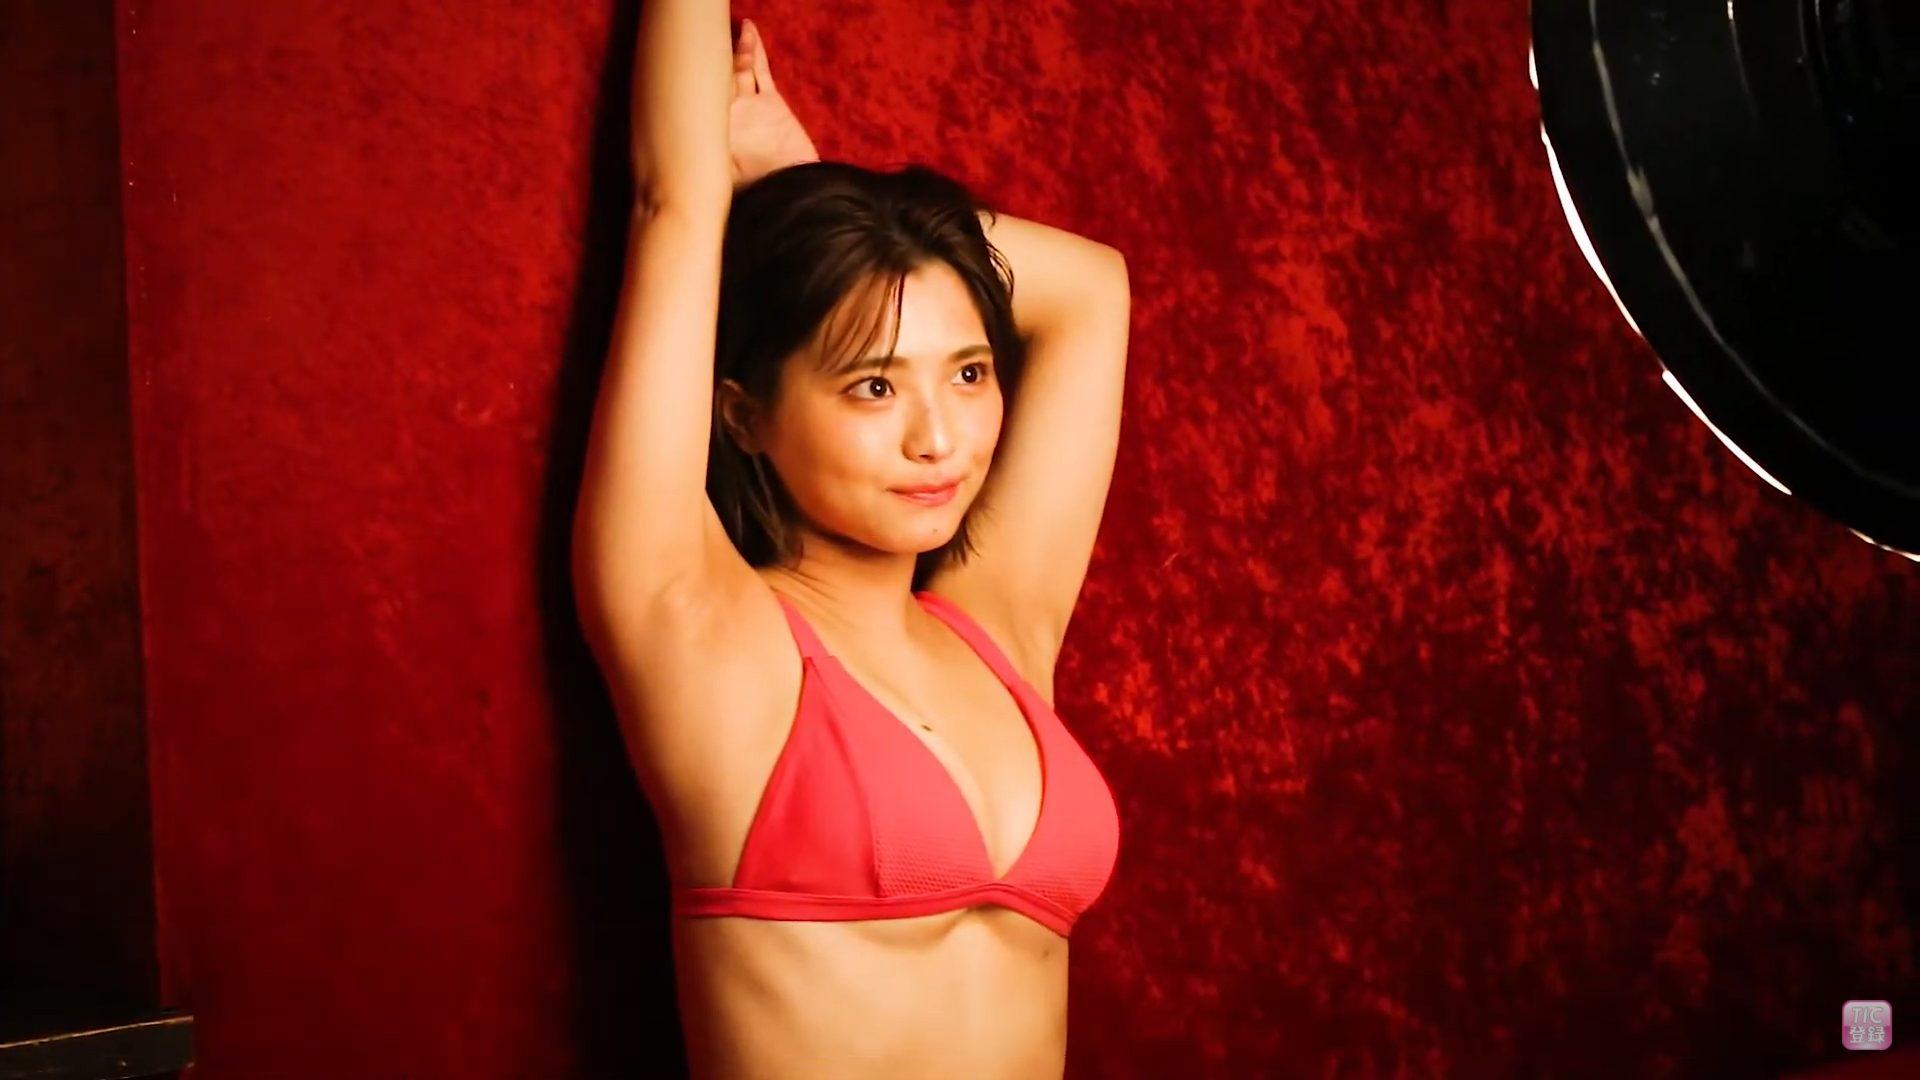 【片岡沙耶】Gカップ15 トレーディングカード!動画!水着姿を披露!